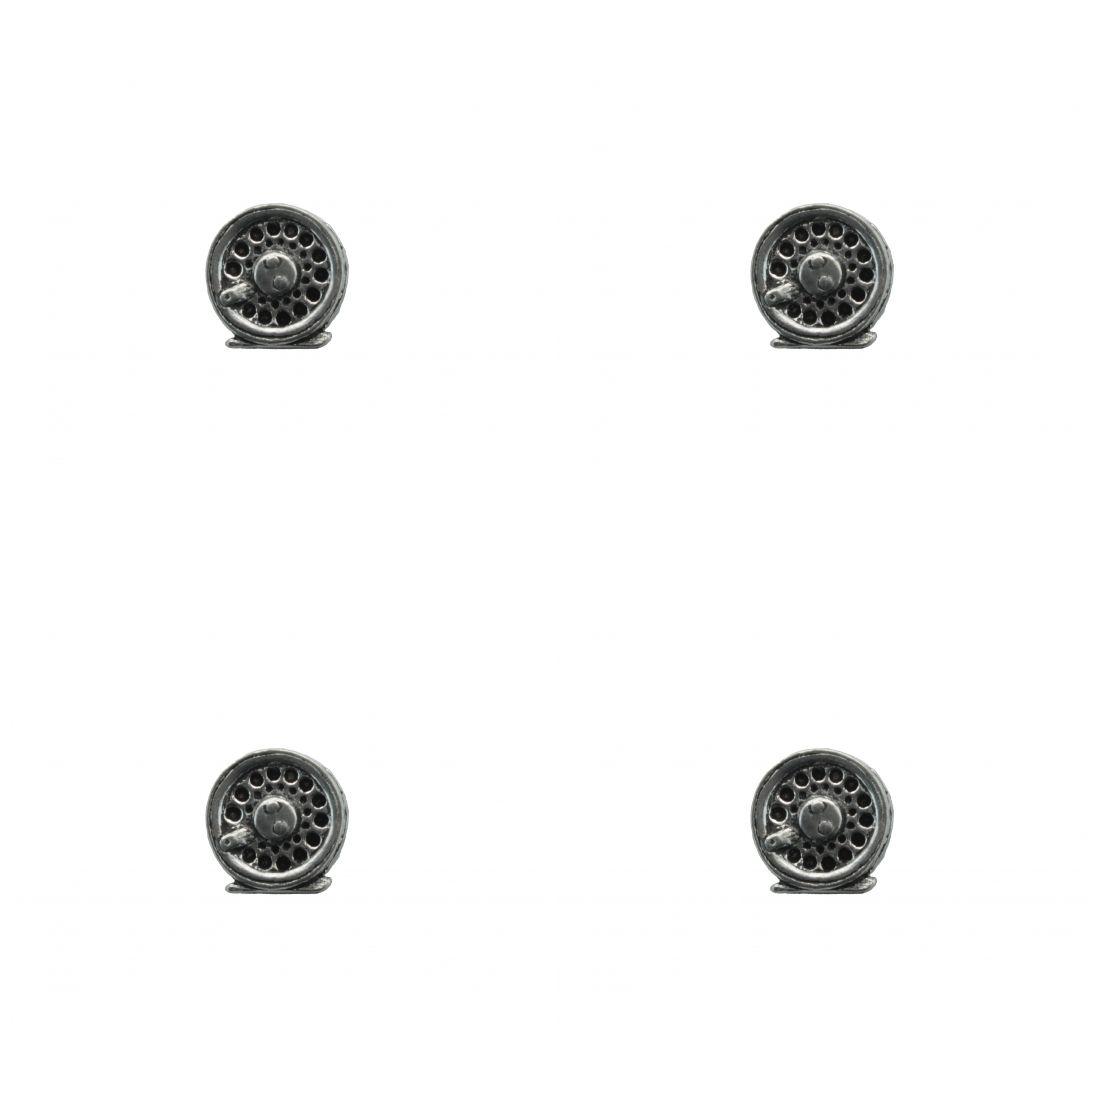 4 x Pin Anstecker Badge Mühle zum Fliegenfischen